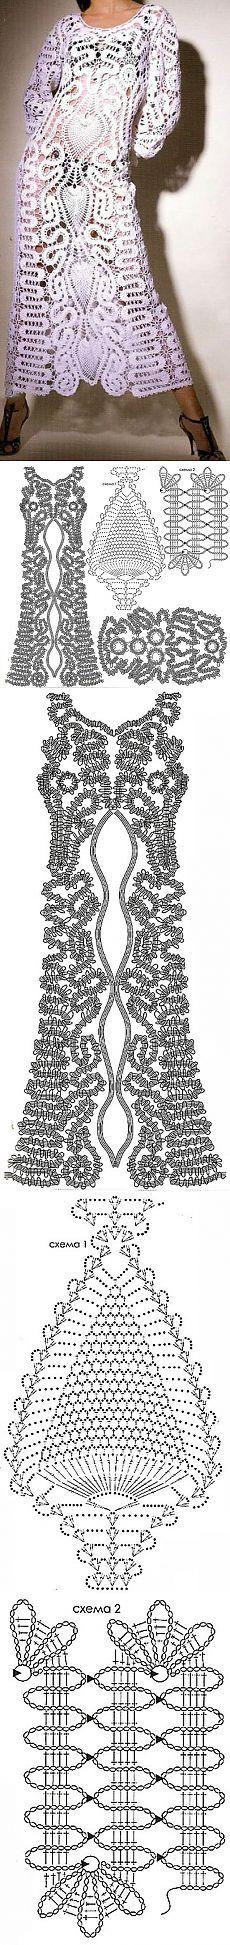 Rochie legate de tehnica de Bruges dantelă.